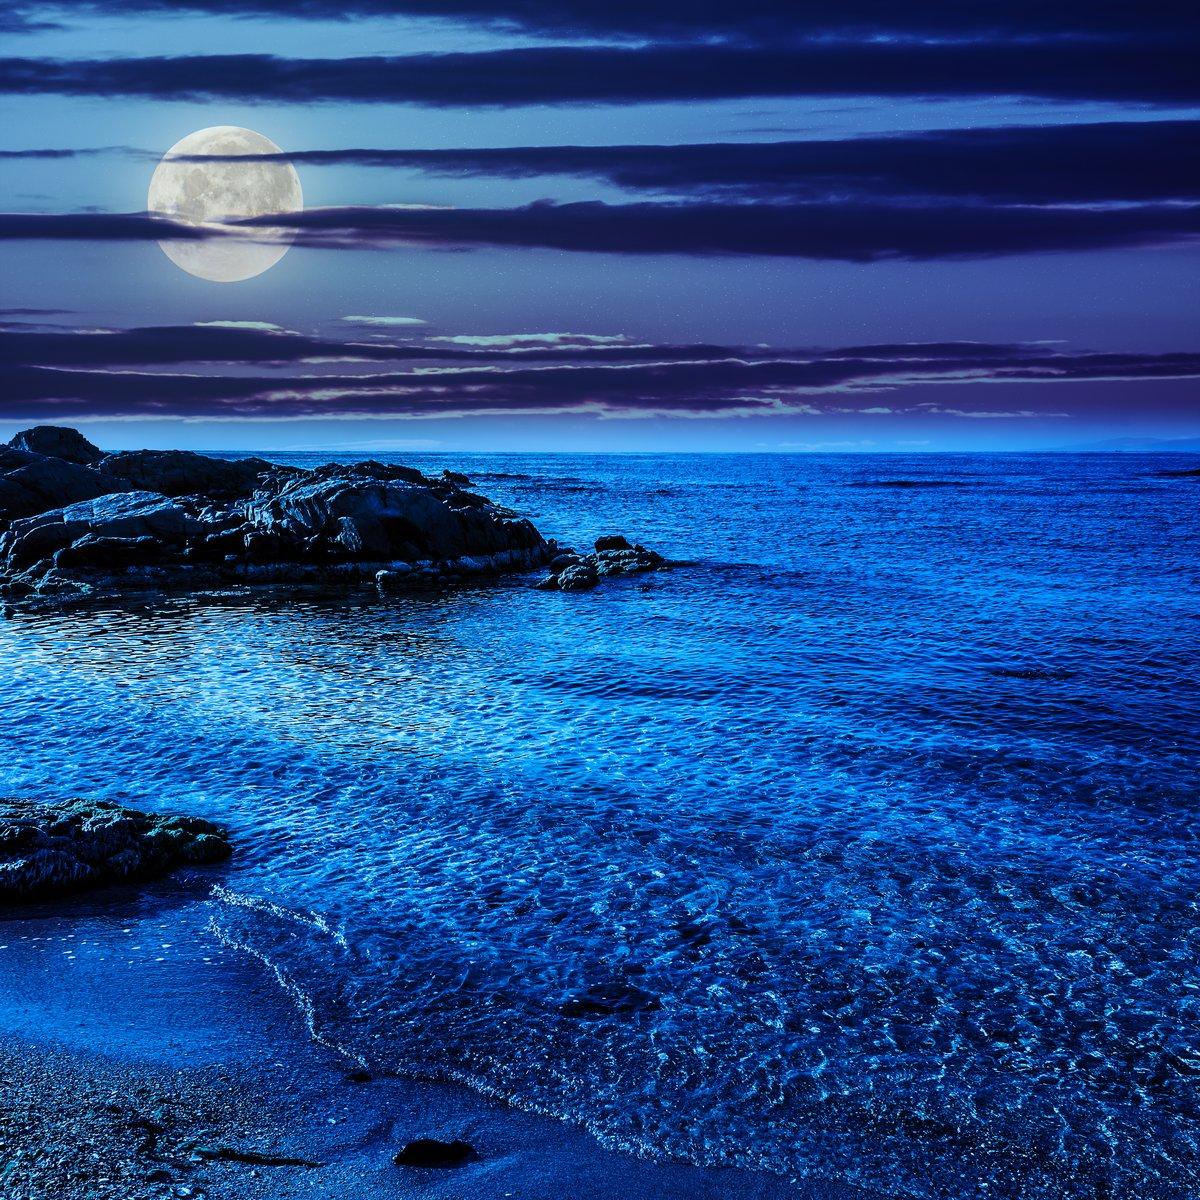 Постер Полнолуние Спокойное море с волнами на песчаный пляж ночьюПолнолуние<br>Постер на холсте или бумаге. Любого нужного вам размера. В раме или без. Подвес в комплекте. Трехслойная надежная упаковка. Доставим в любую точку России. Вам осталось только повесить картину на стену!<br>